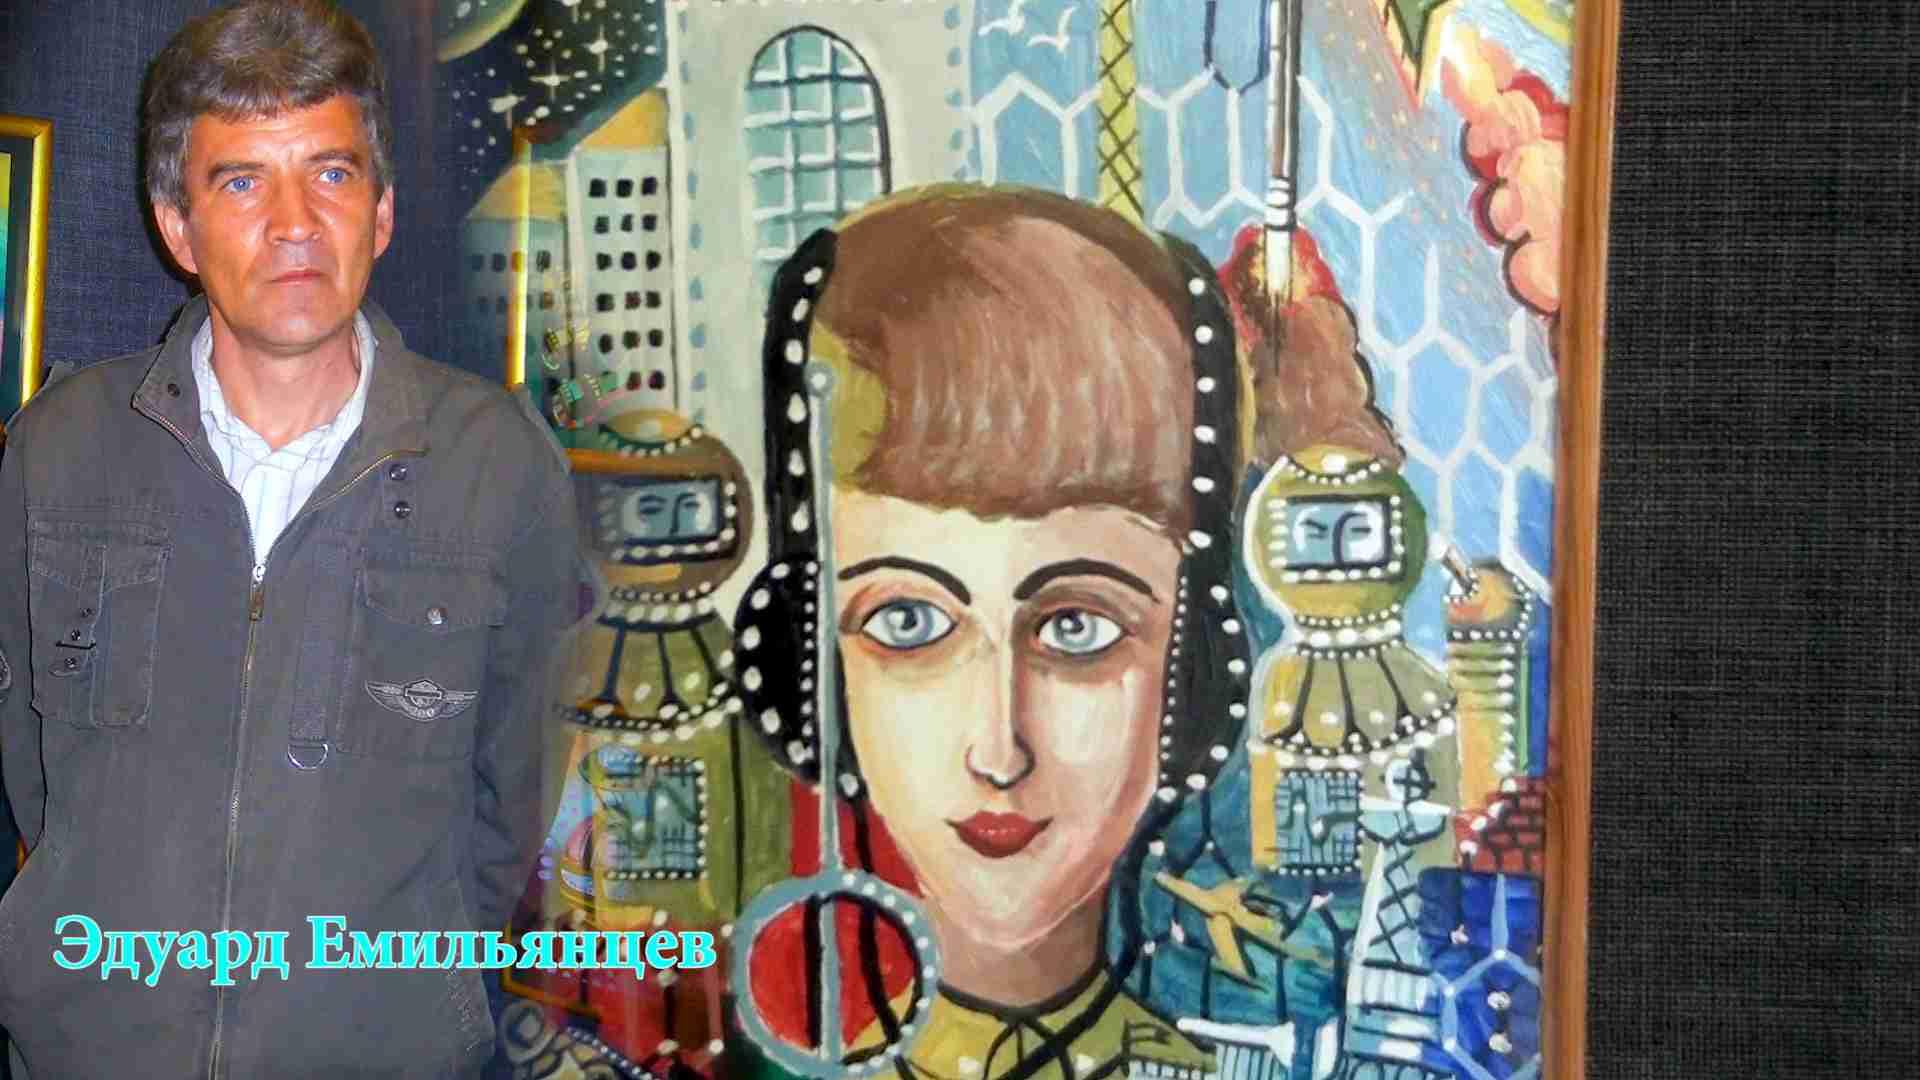 Эдуард Емельянцев. Крым - мой дом